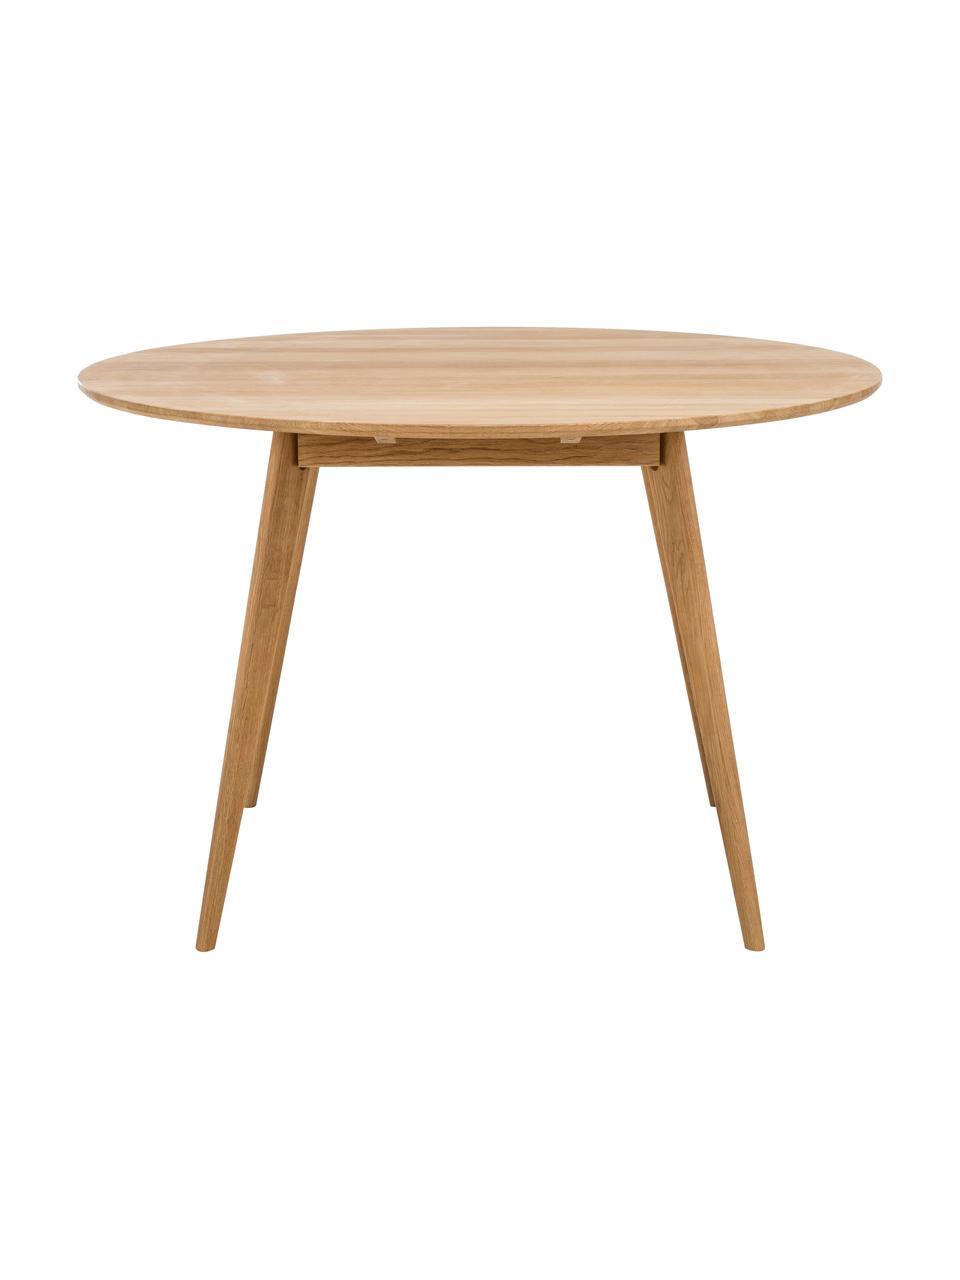 Okrągły stół do jadalni z drewna Yumi, Blat: płyta pilśniowa (MDF) z f, Nogi: lite drewno dębowe, Drewno dębowe, Ø 115 x W 74 cm